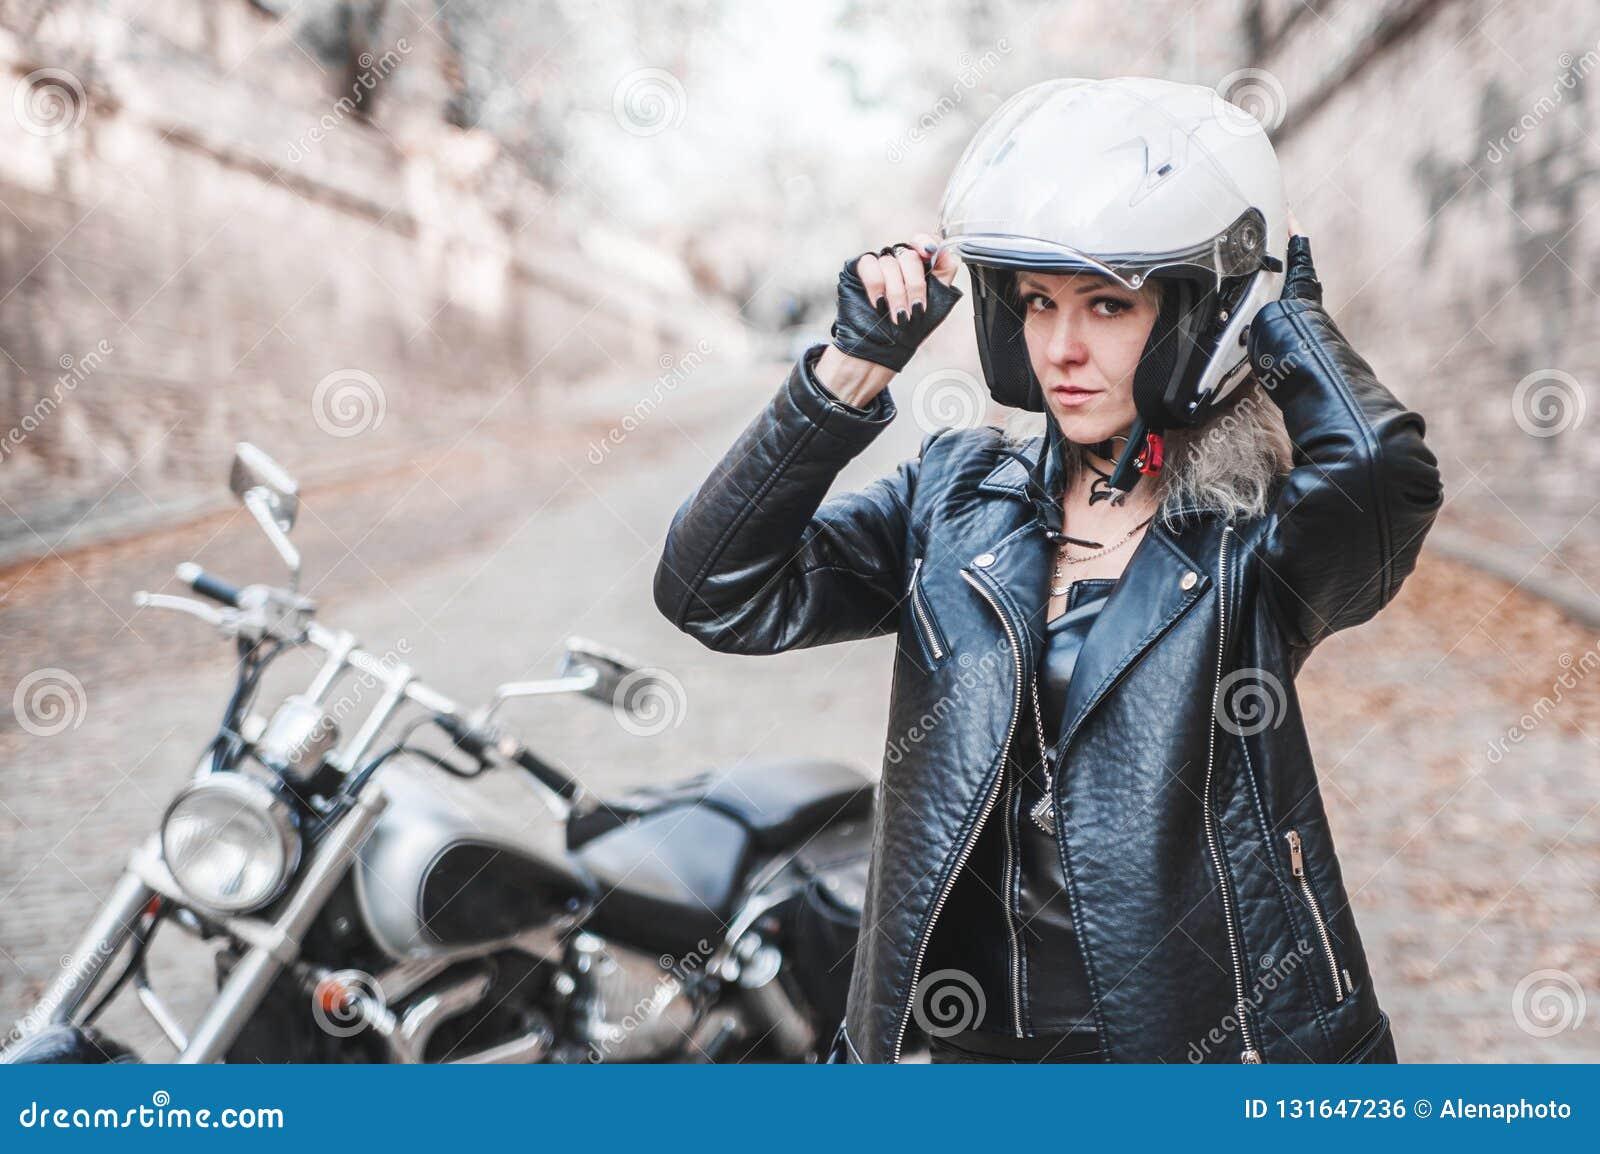 Piękna rowerzysta kobieta plenerowa z motocyklem